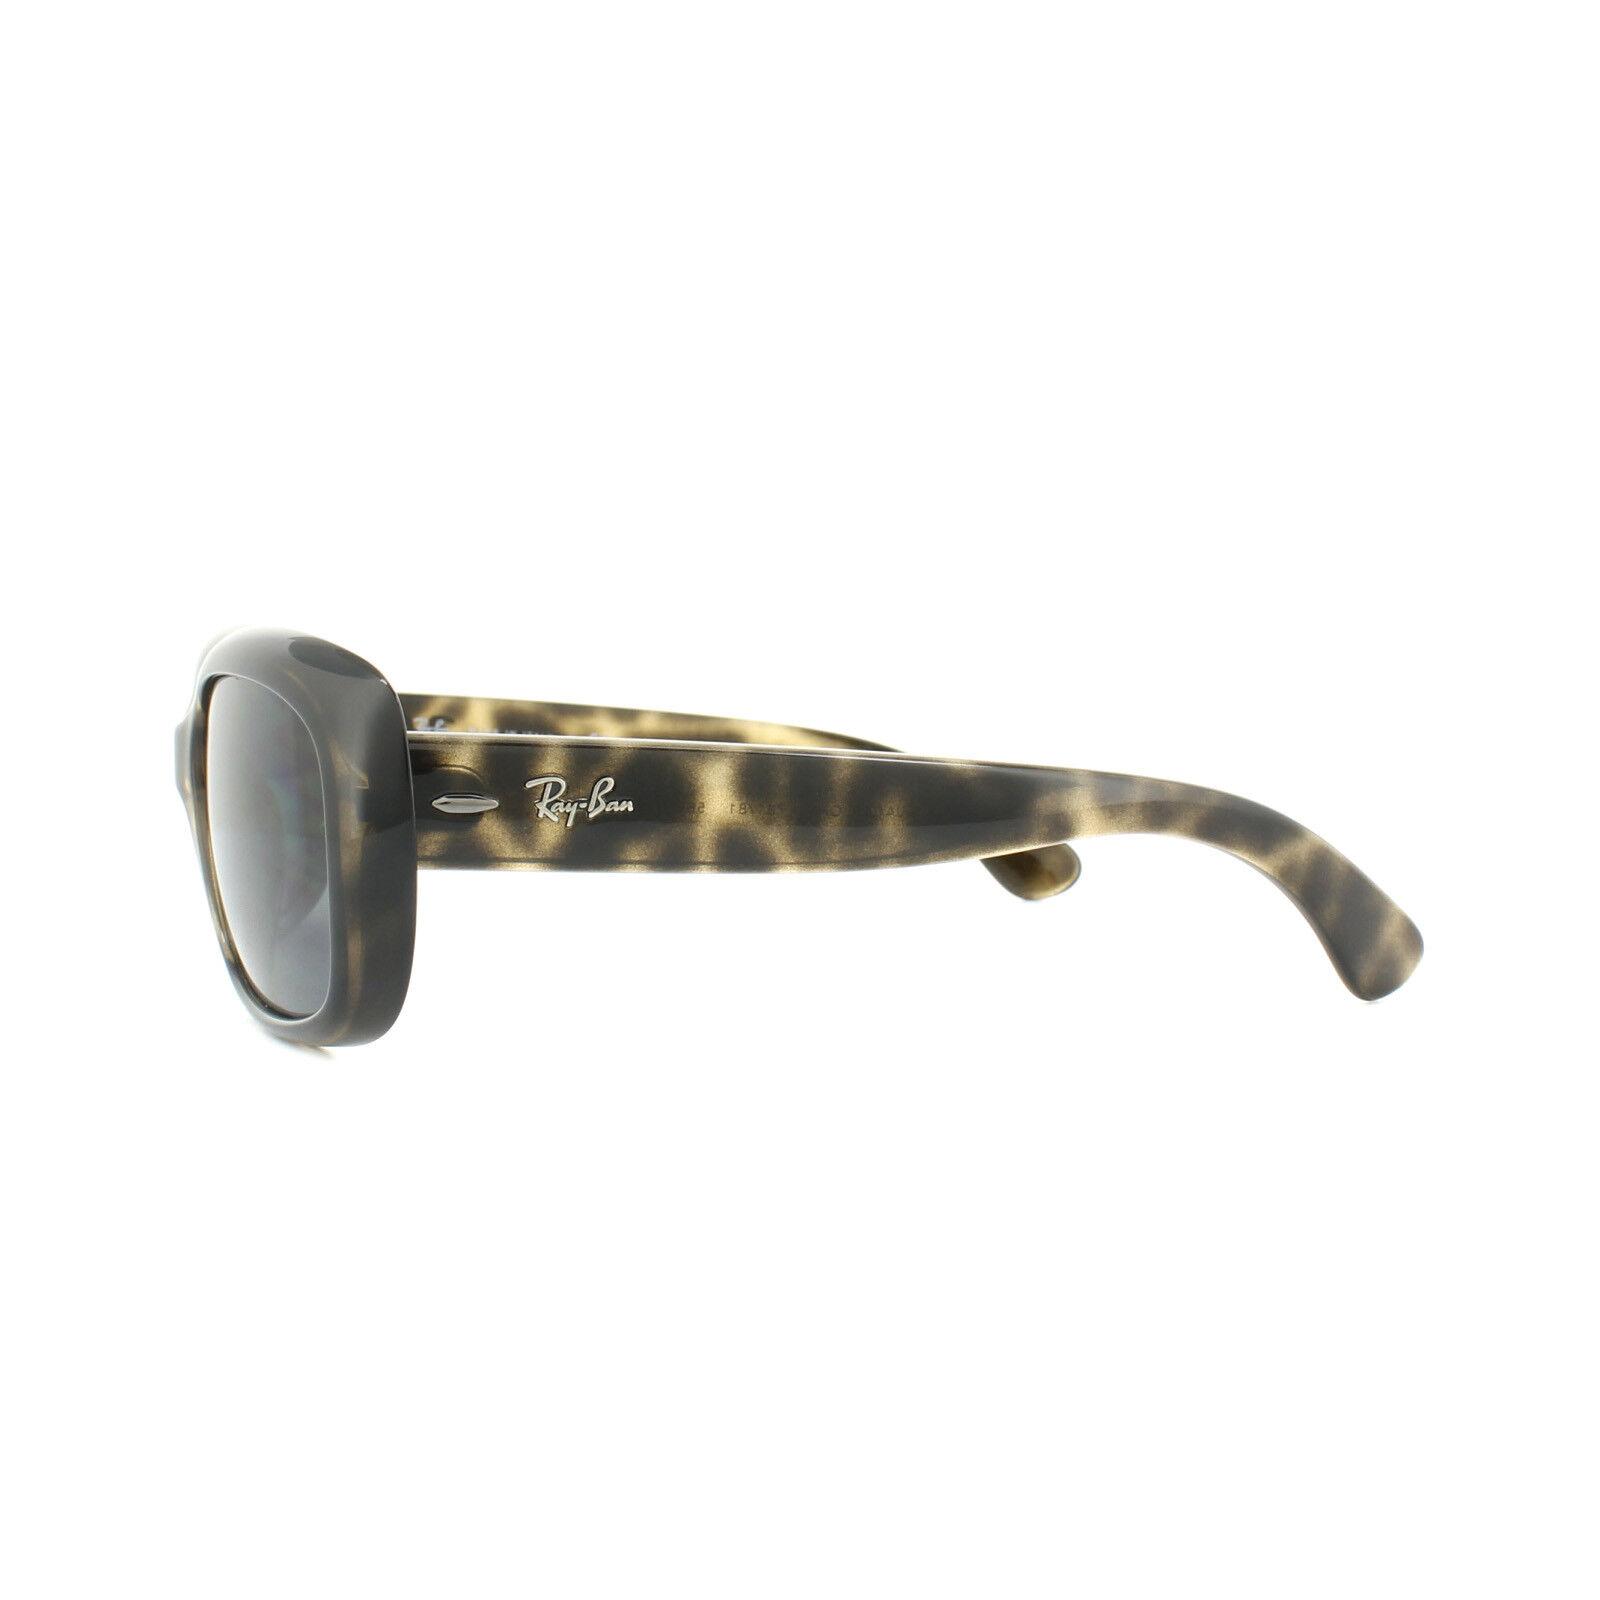 868ca2d6d6124 Ray-ban Jackie Ohh RB 4101 (731 81) 58-17-135 gafas de Sol